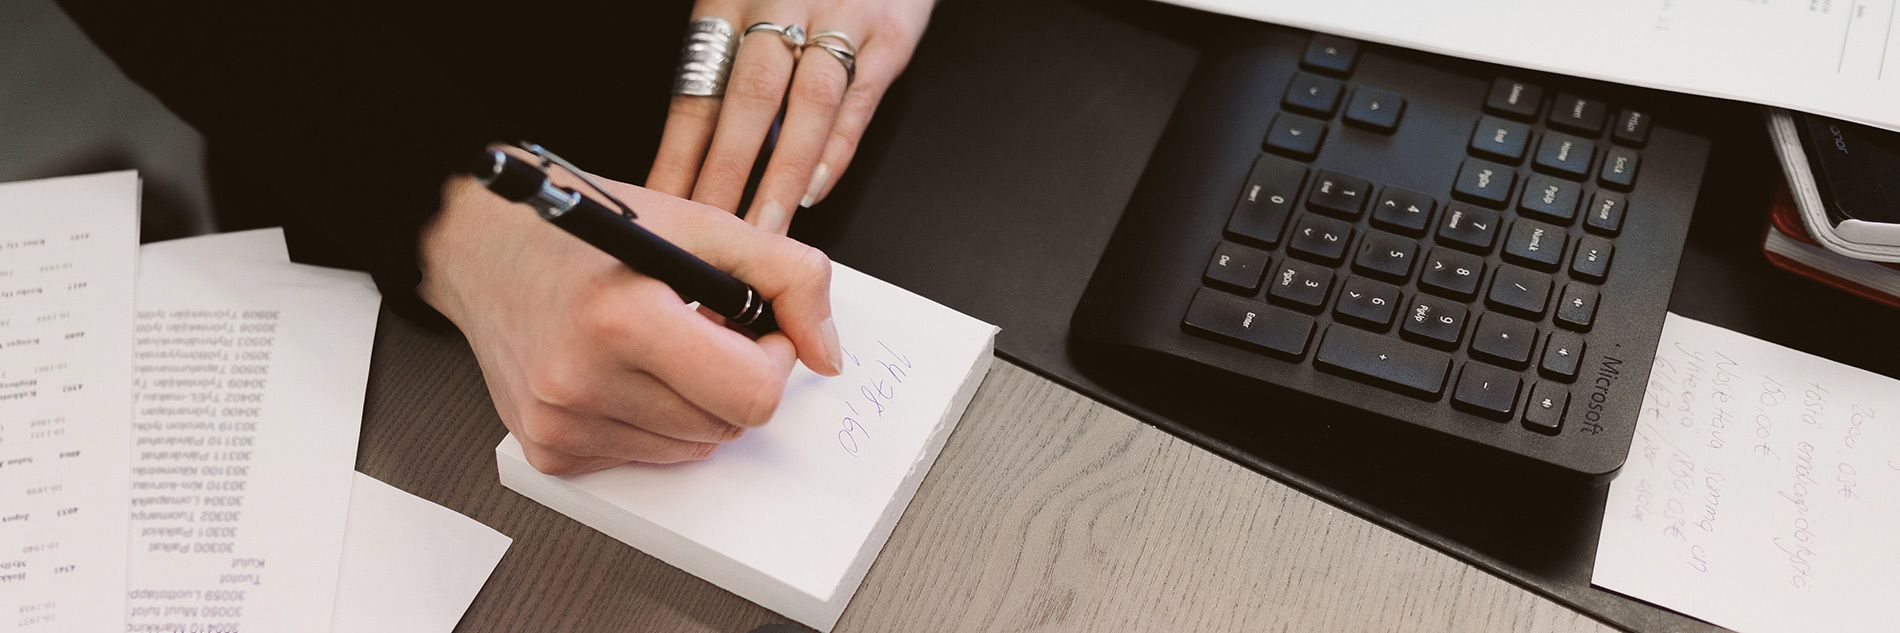 Kuvassa on kädet. Oikeassa kädessä on kynä, jolla kirjoitetaan muistiinpanoja. Käsien vieressä on tietokoneen näppäimistö.